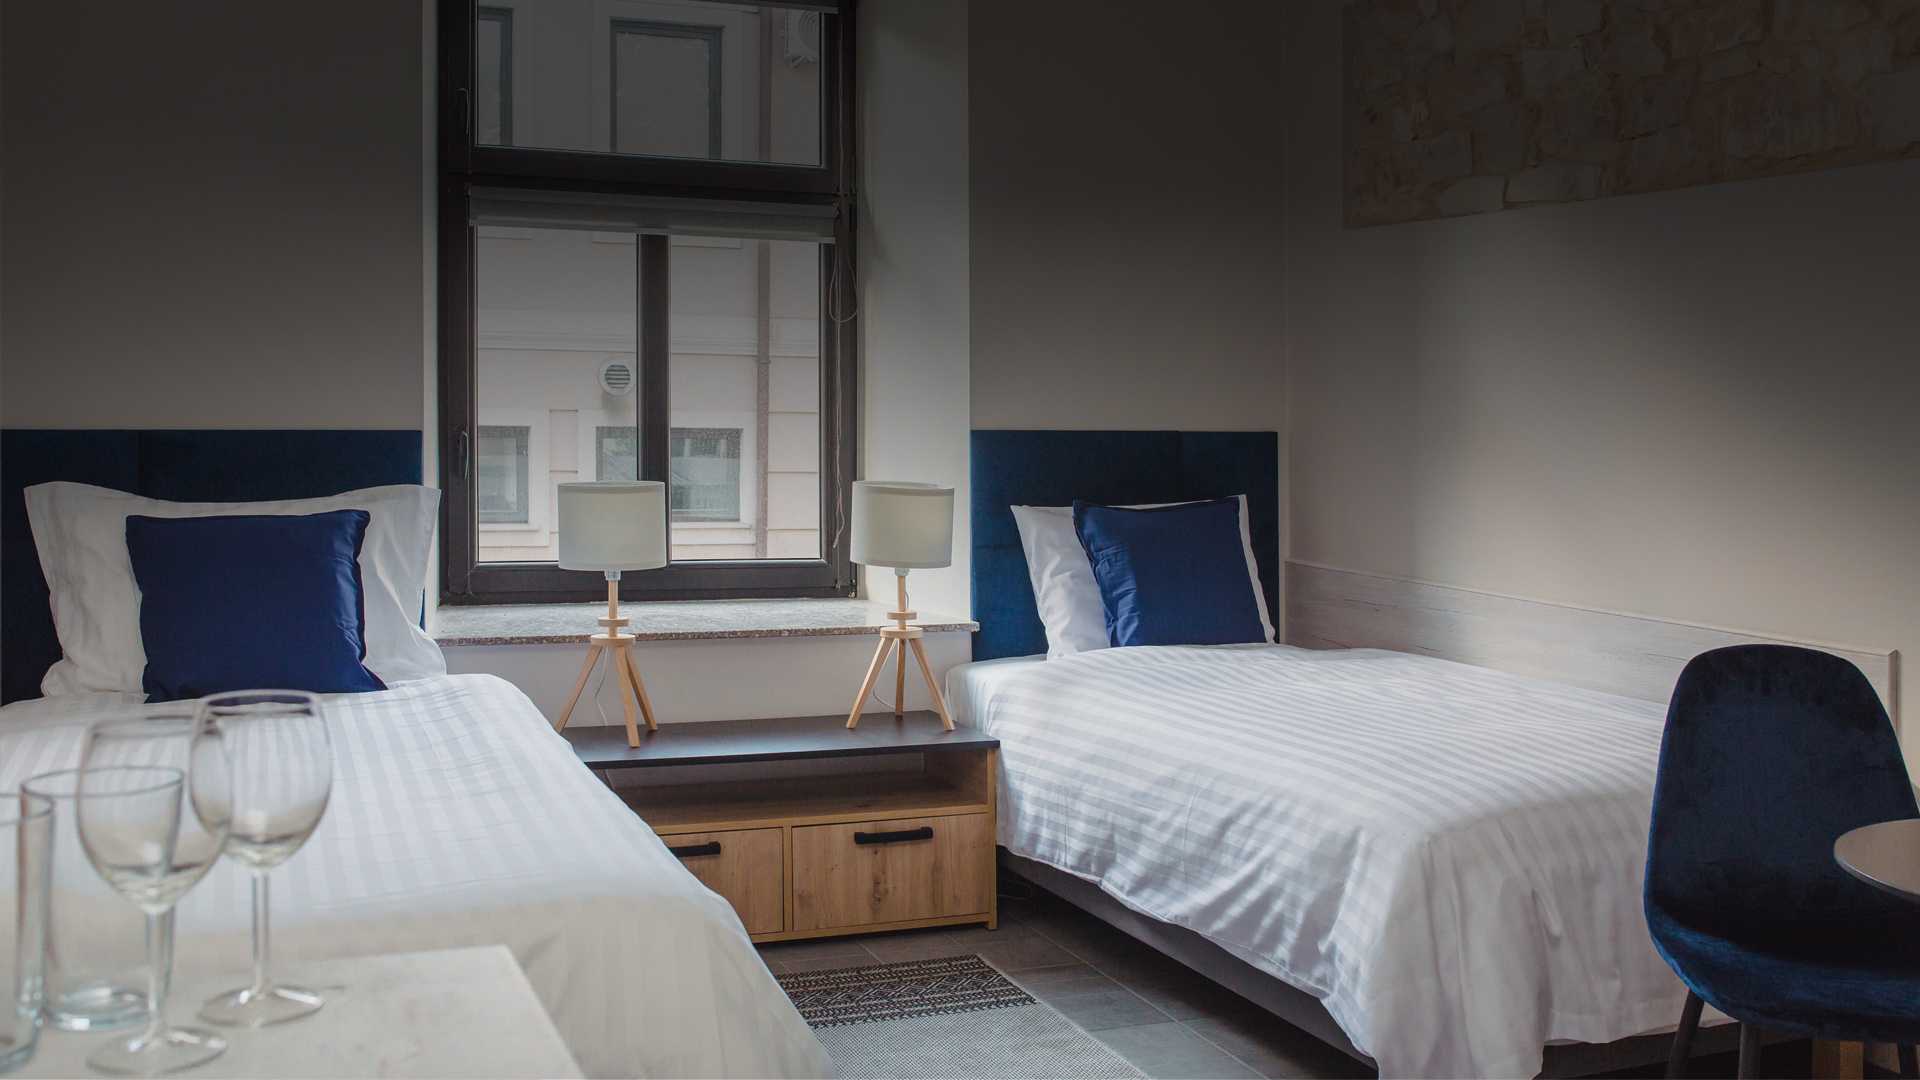 Nowoczesne pokoje i apartamenty o wysokim standardzie